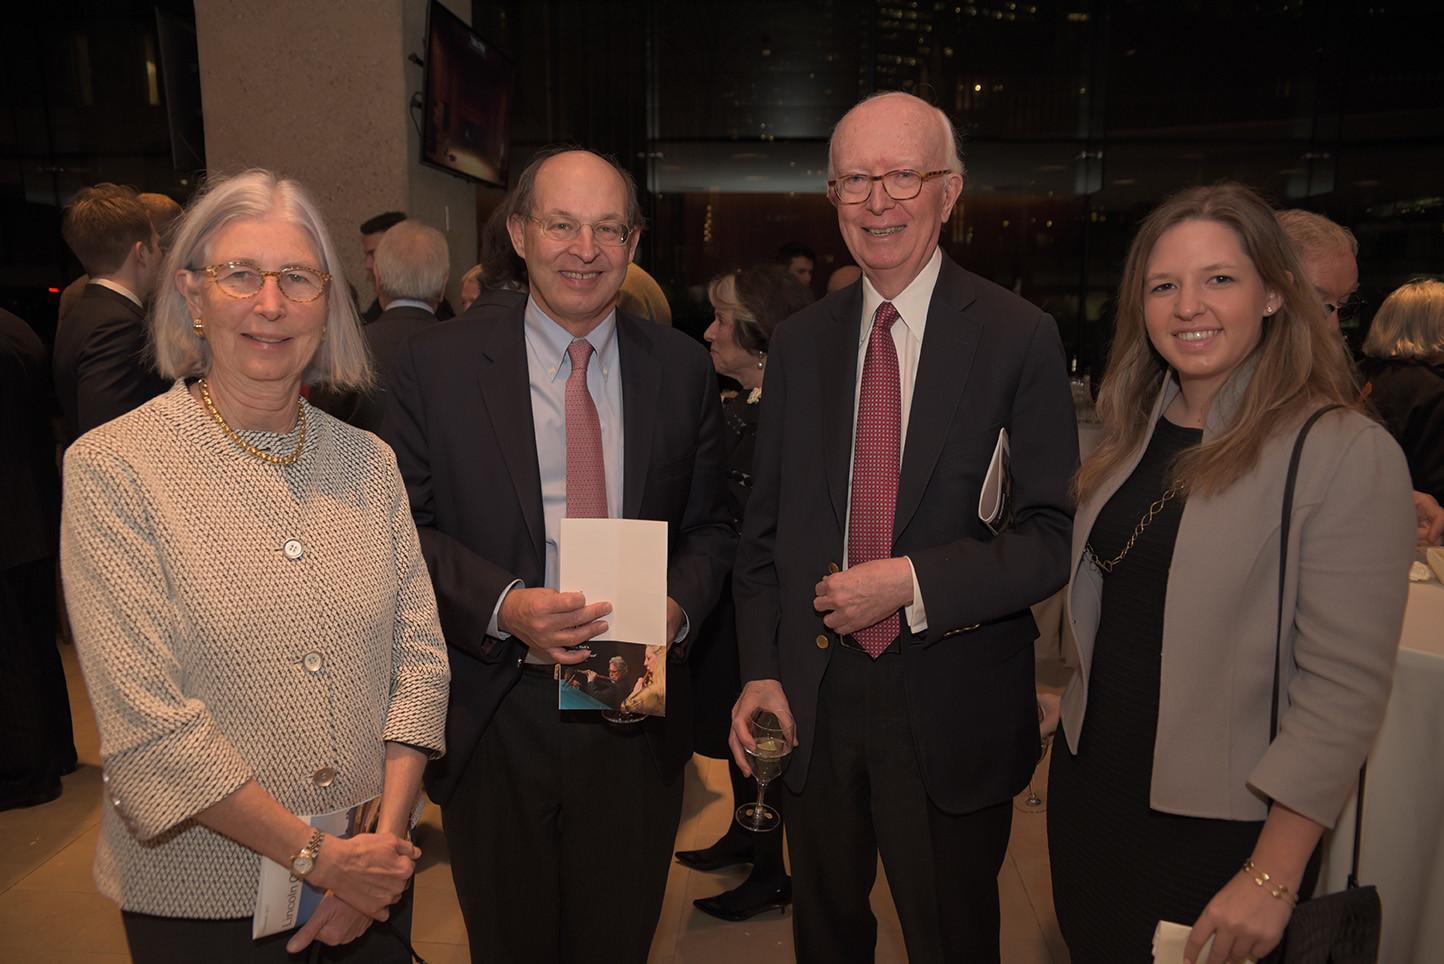 Jane Keegan, Walter Harris, Peter Keegan